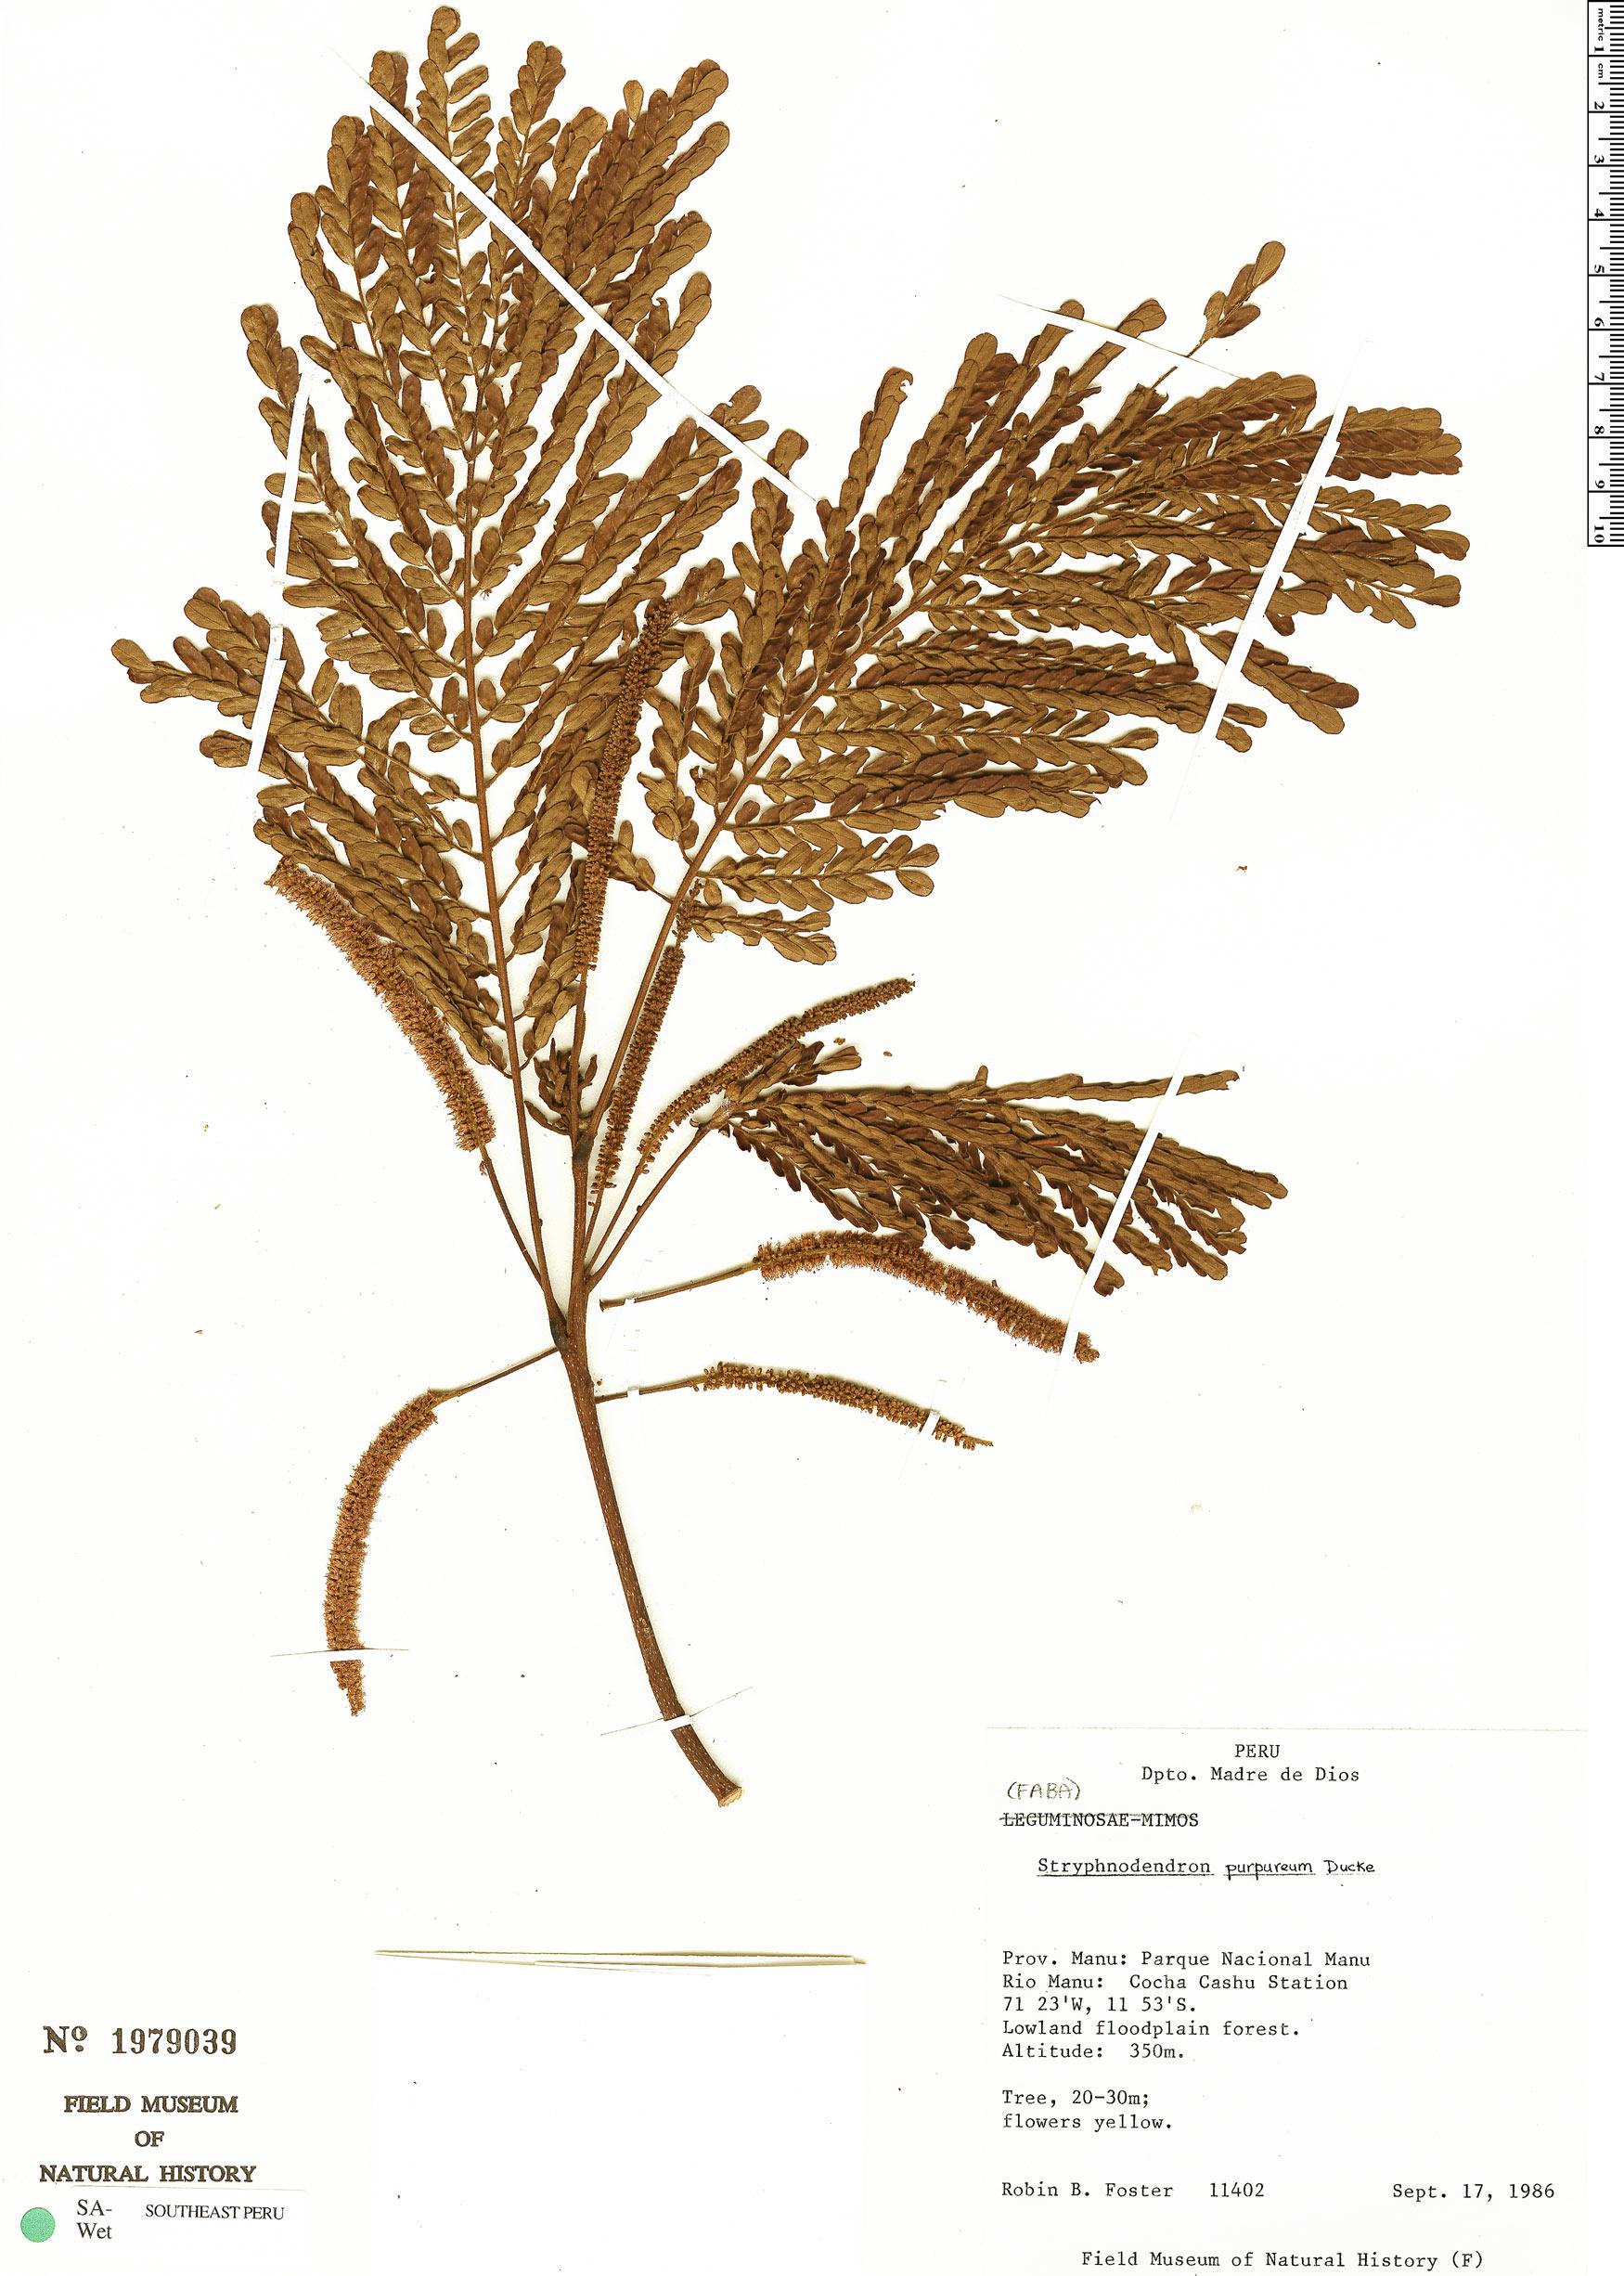 Specimen: Stryphnodendron purpureum